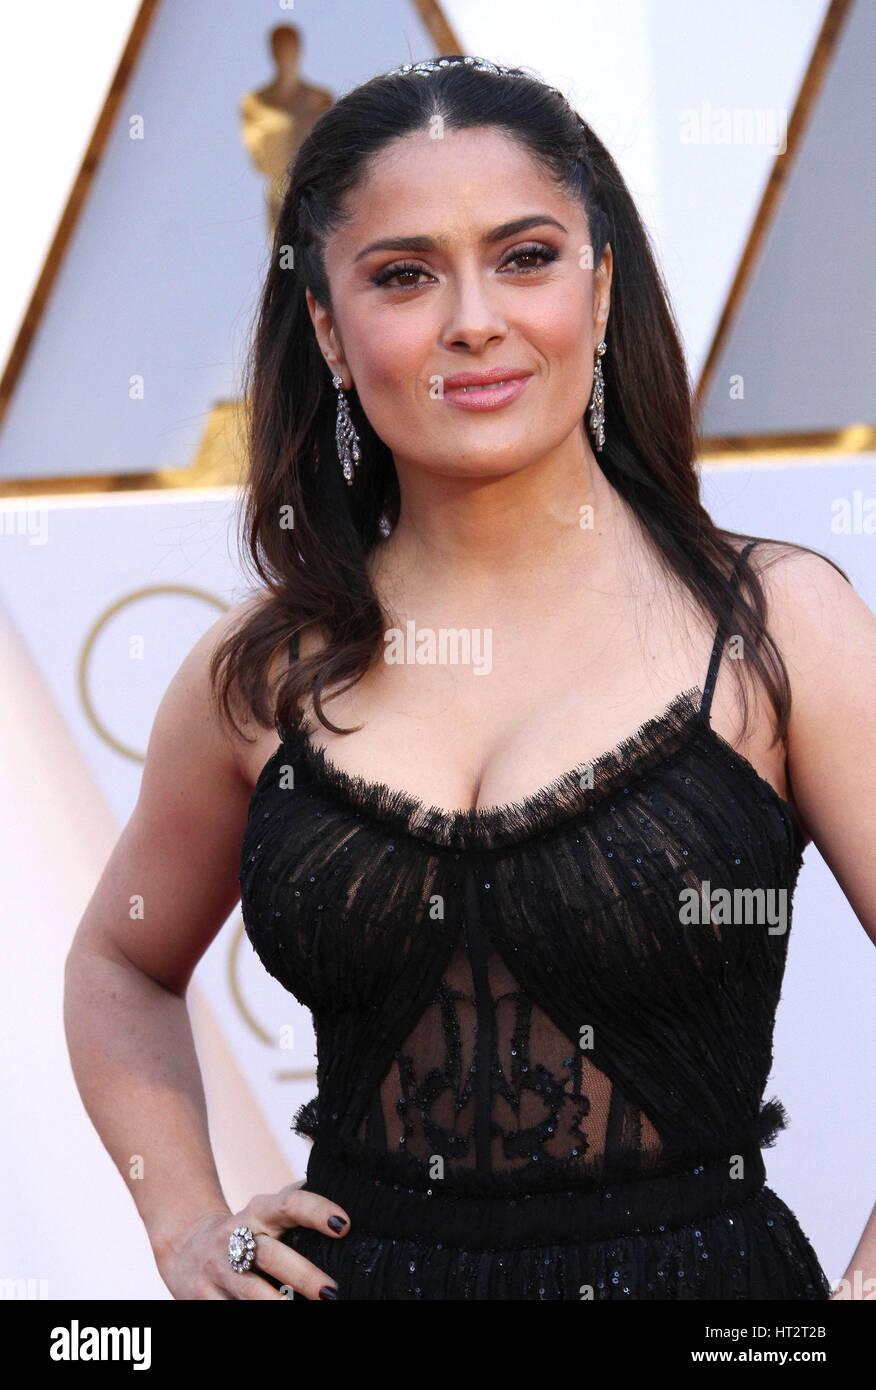 Hollywood, CA, USA. Feb 26, 2017. 26 février 2017 - Hollywood, Californie - Salma Hayek. 89e Academy Awards Photo Stock